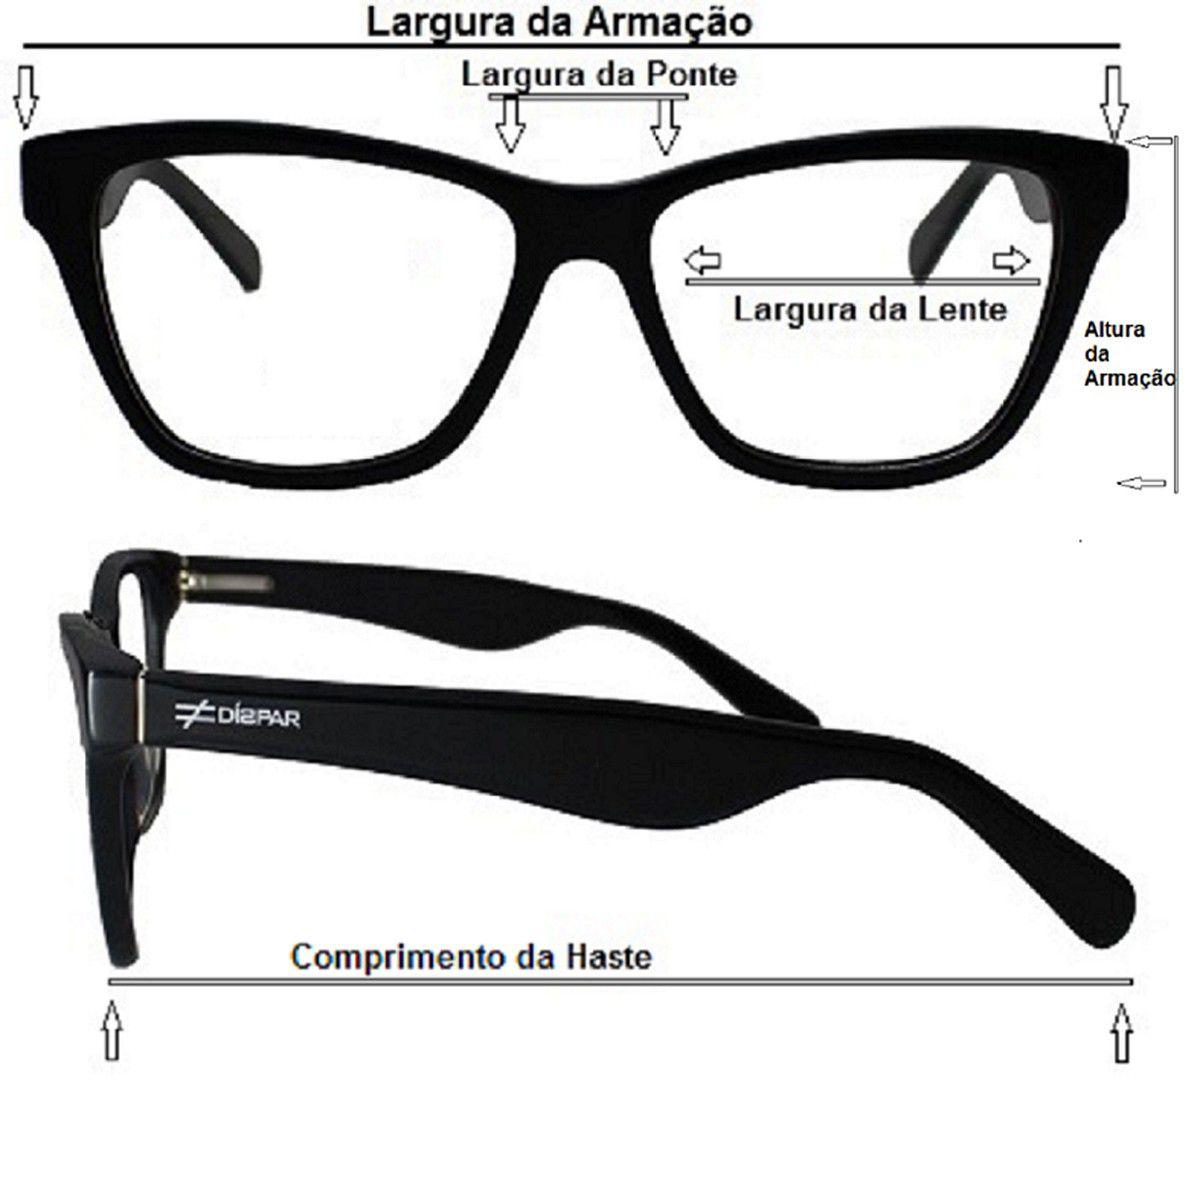 ... Armação para Óculos de Grau Díspar ID1945 Flexível Infantil Rosa 3 a 6  anos - Díspar b4ef9bc647